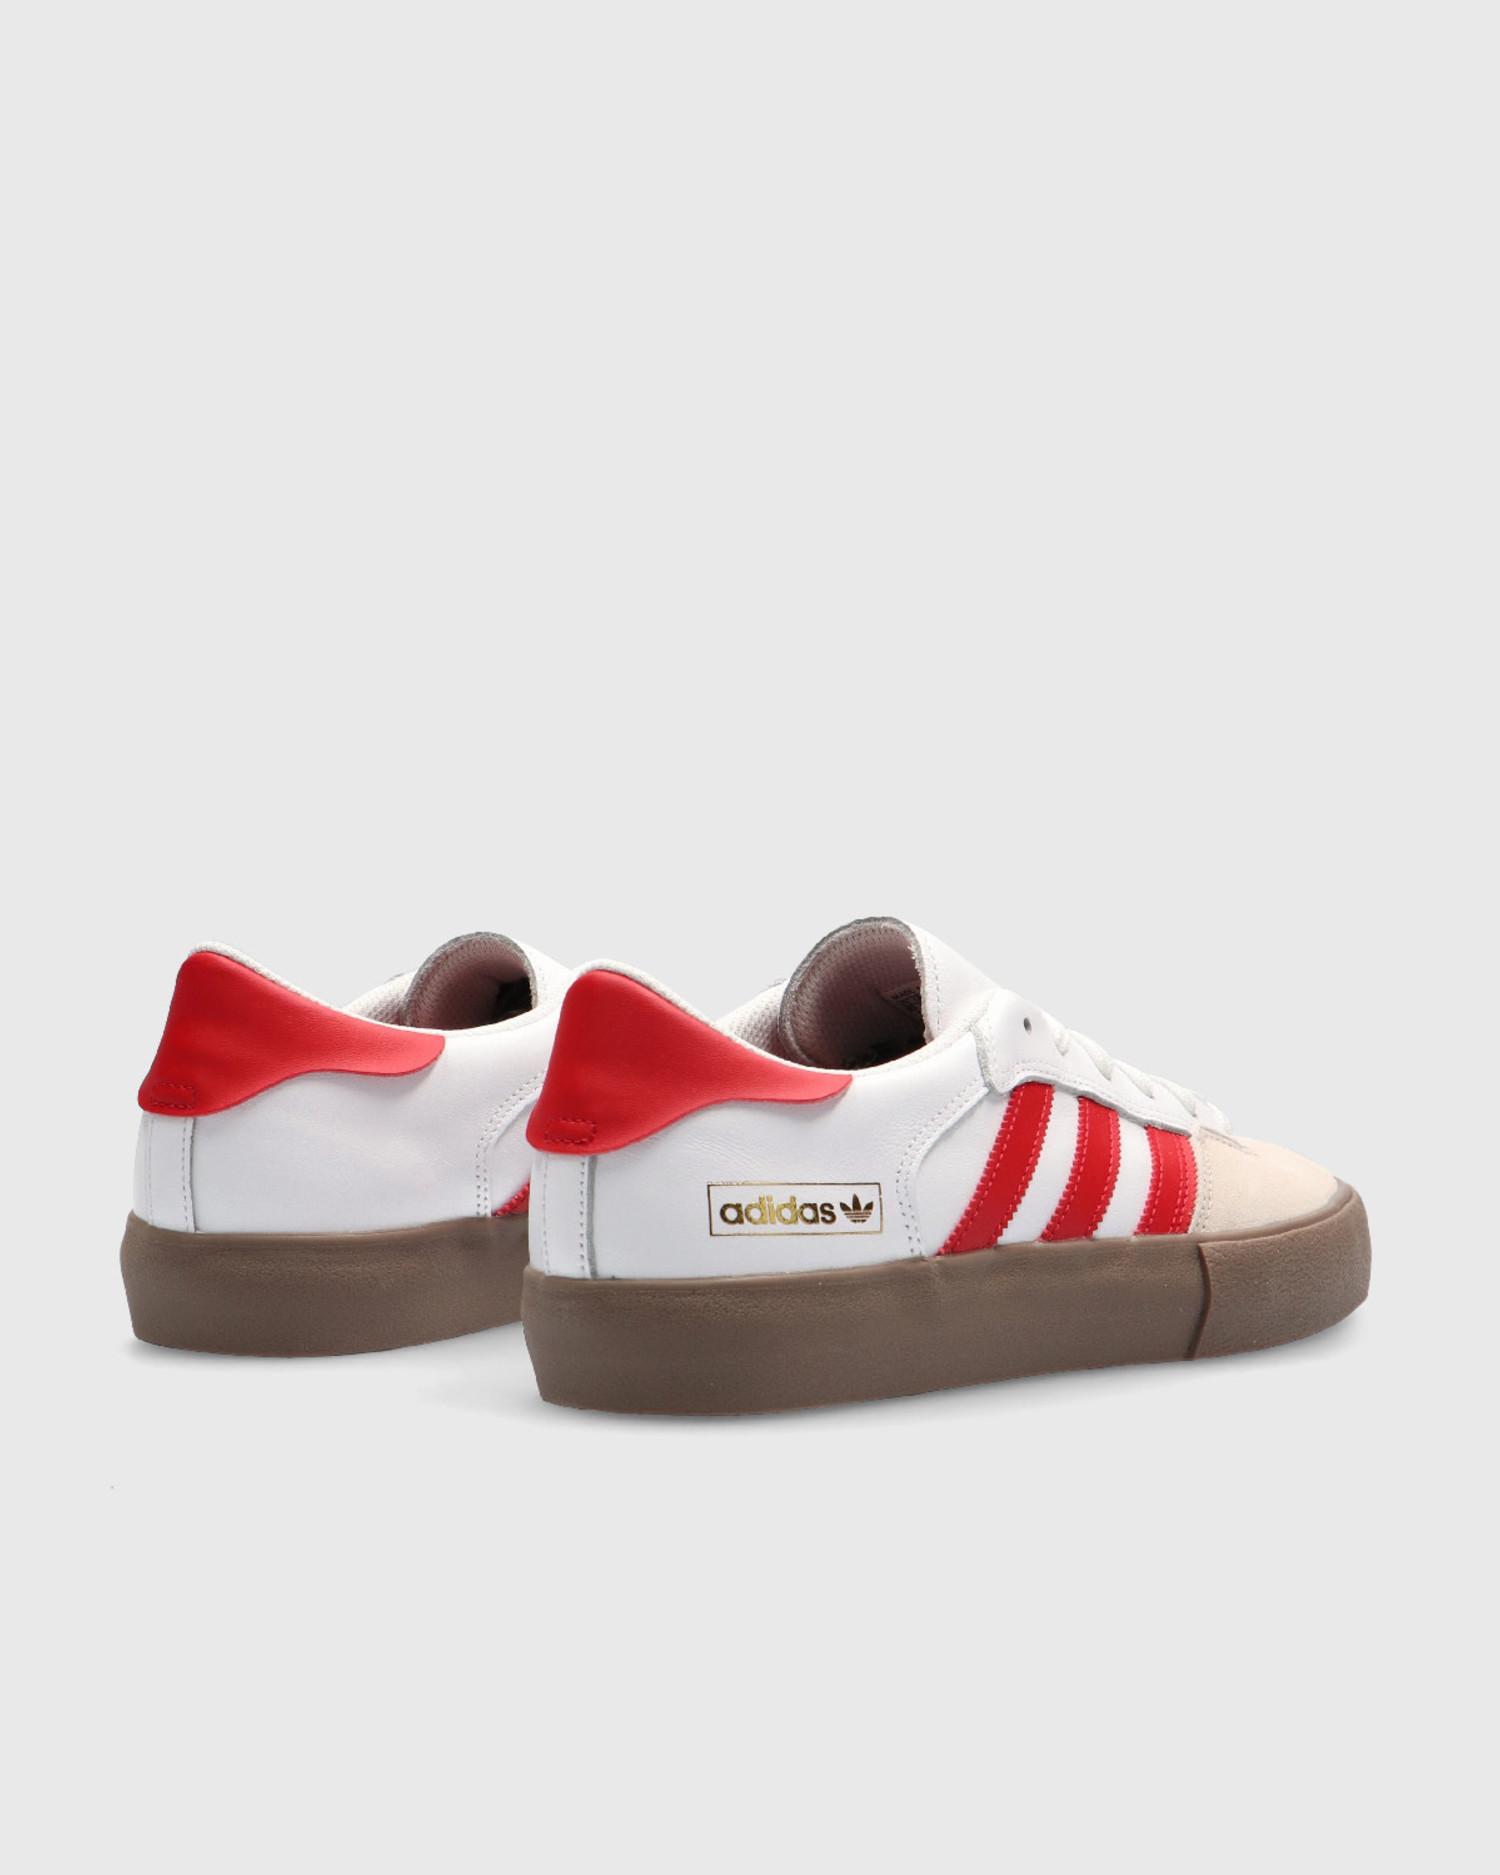 Adidas Matchbreak Super FtwWht/PowRed/Gum